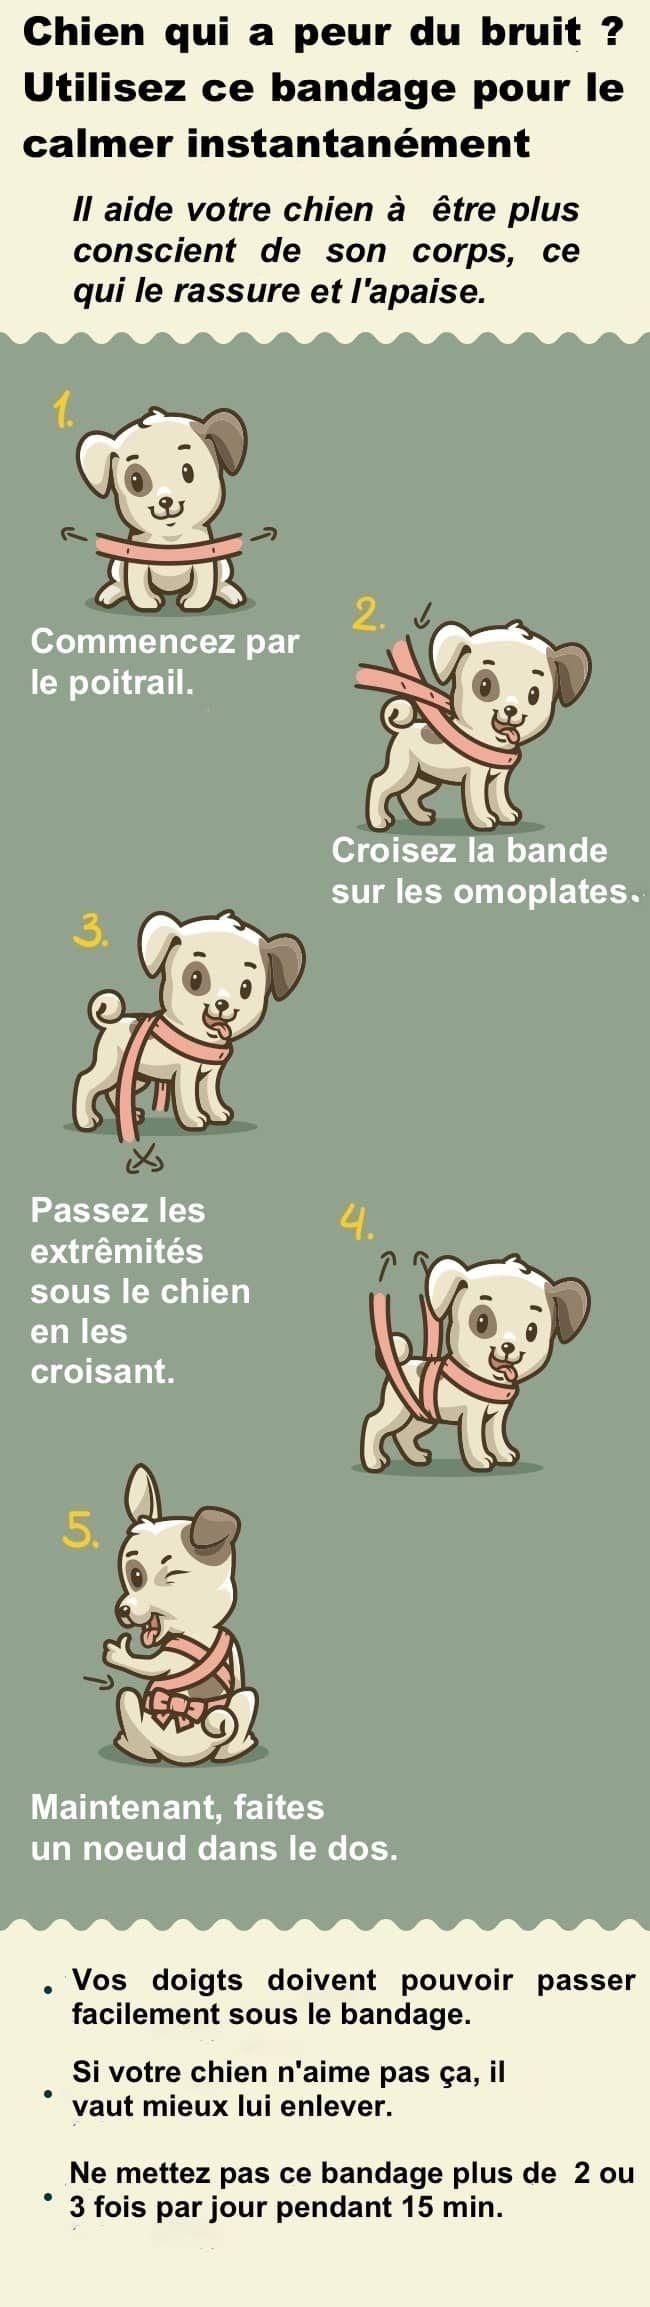 Il existe une astuce testée et approuvée pour rassurer rapidement les chiens qui ont peur des bruits retentissants. Pour cela, il suffit de l'envelopper dans un bandage. Grâce à la légère pression effectuée par le tissu, votre chien va se sentir en sécurité.  Découvrez l'astuce ici : http://www.comment-economiser.fr/chien-qui-a-peur-du-bruit-voici-astuce-pour-le-rassurer.html